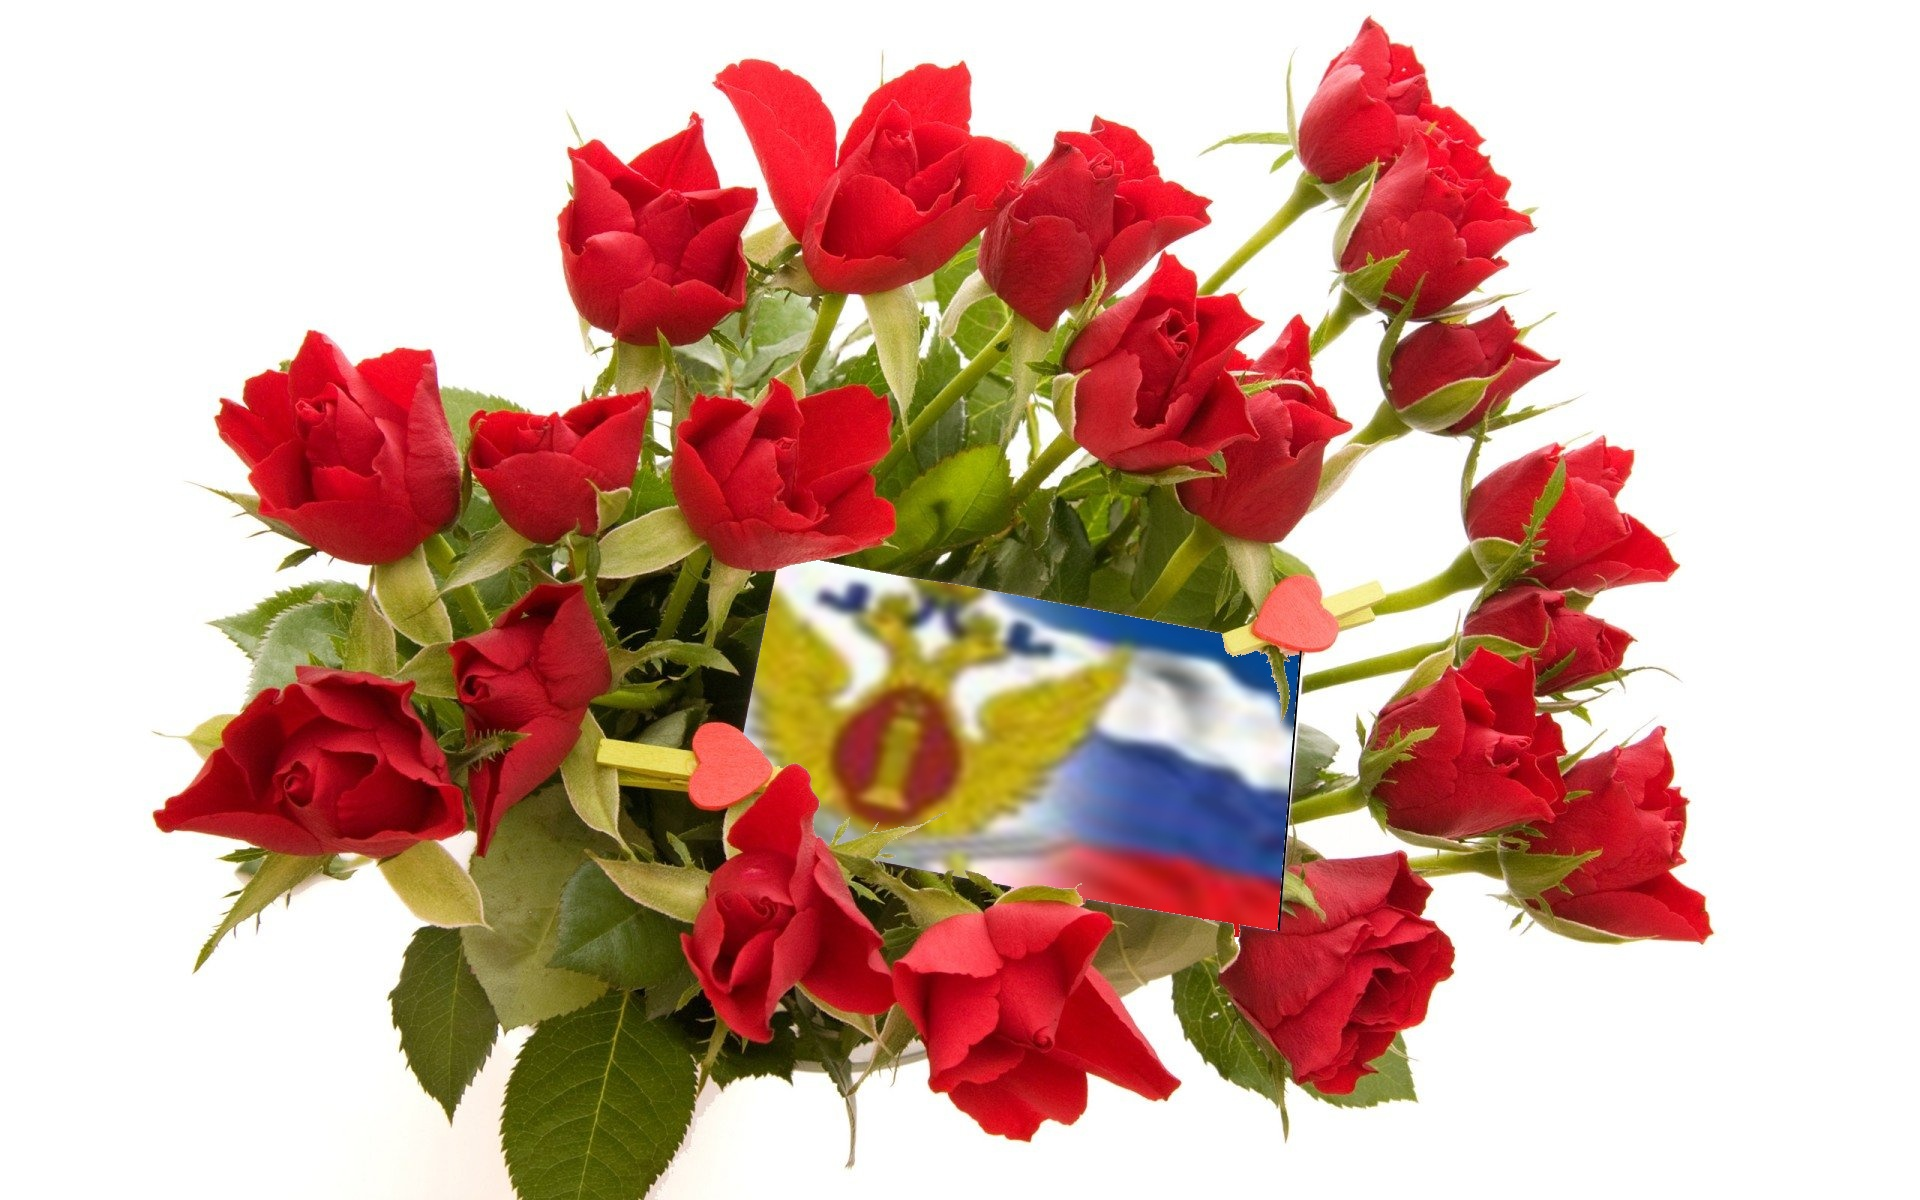 День работников СИЗО и тюрем. Цветы